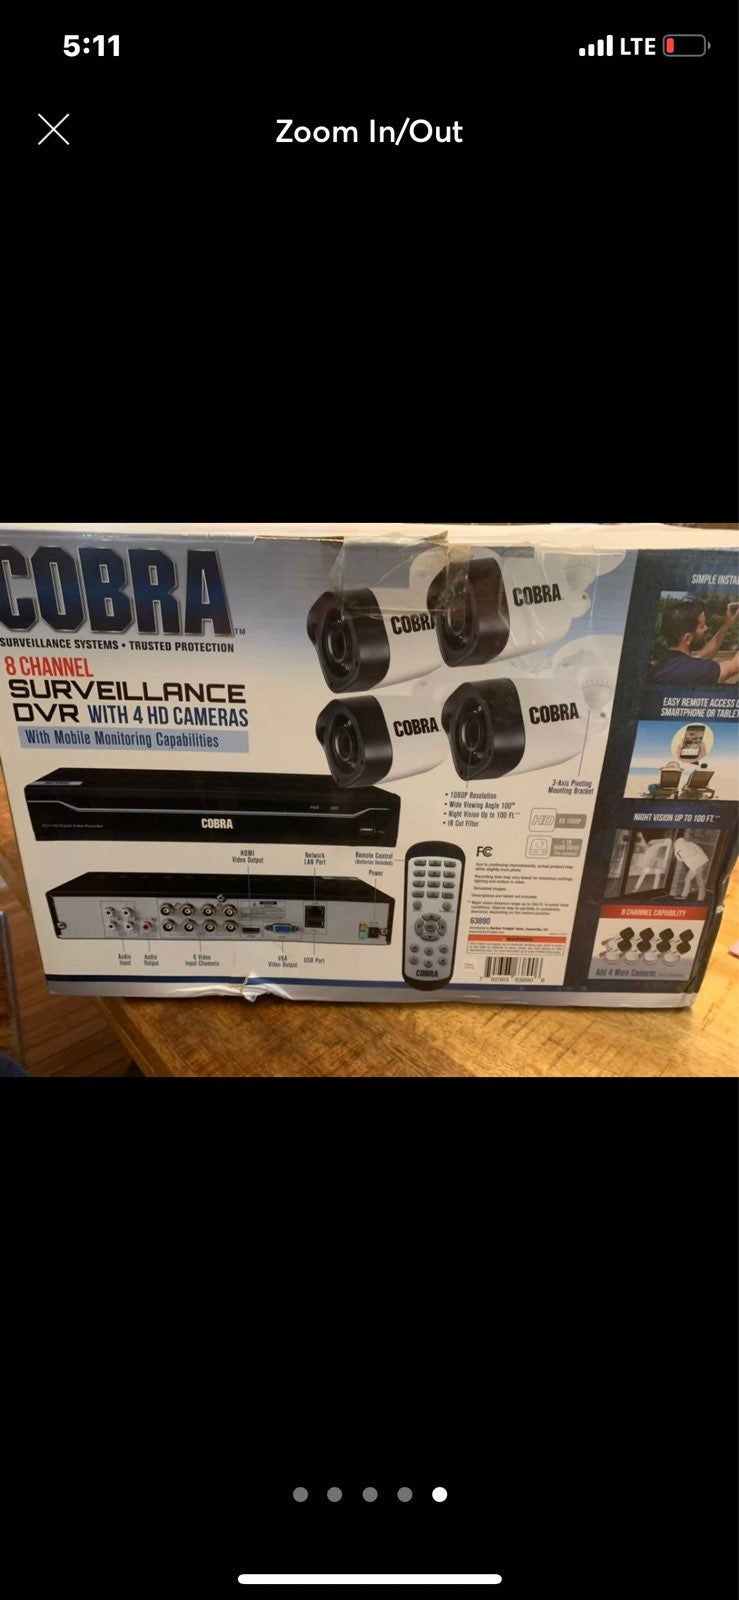 Cobra surveillence camera system